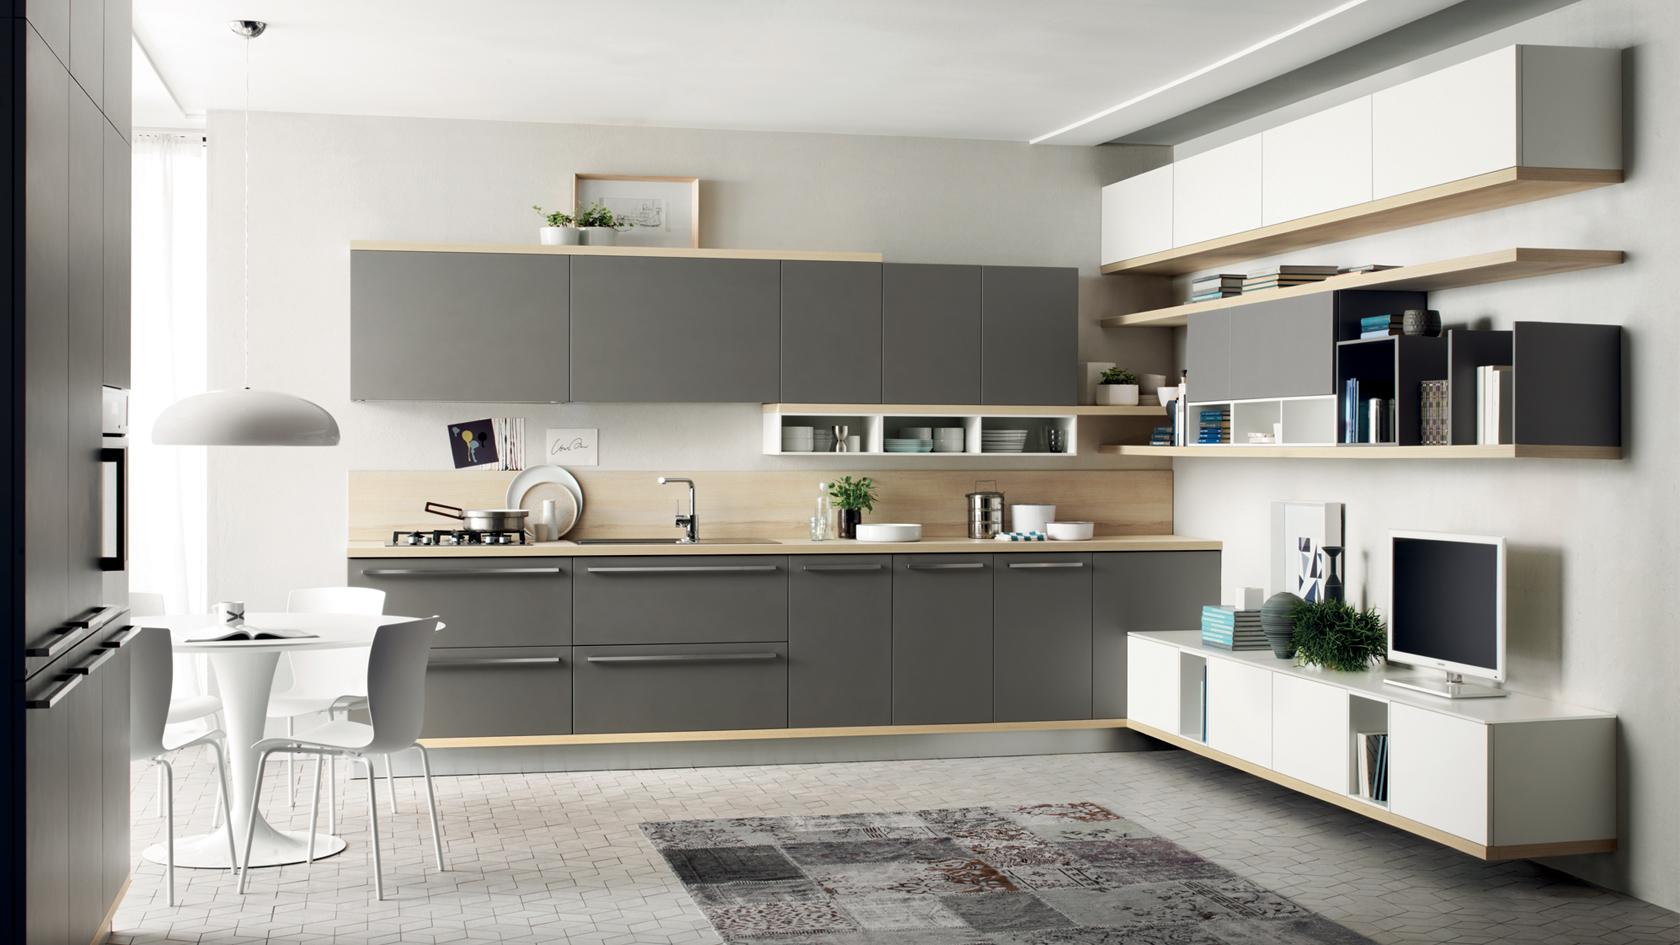 Colori mobili cucina moderna interesting colori mobili cucina moderna with colori mobili cucina - Colori per cucina moderna ...